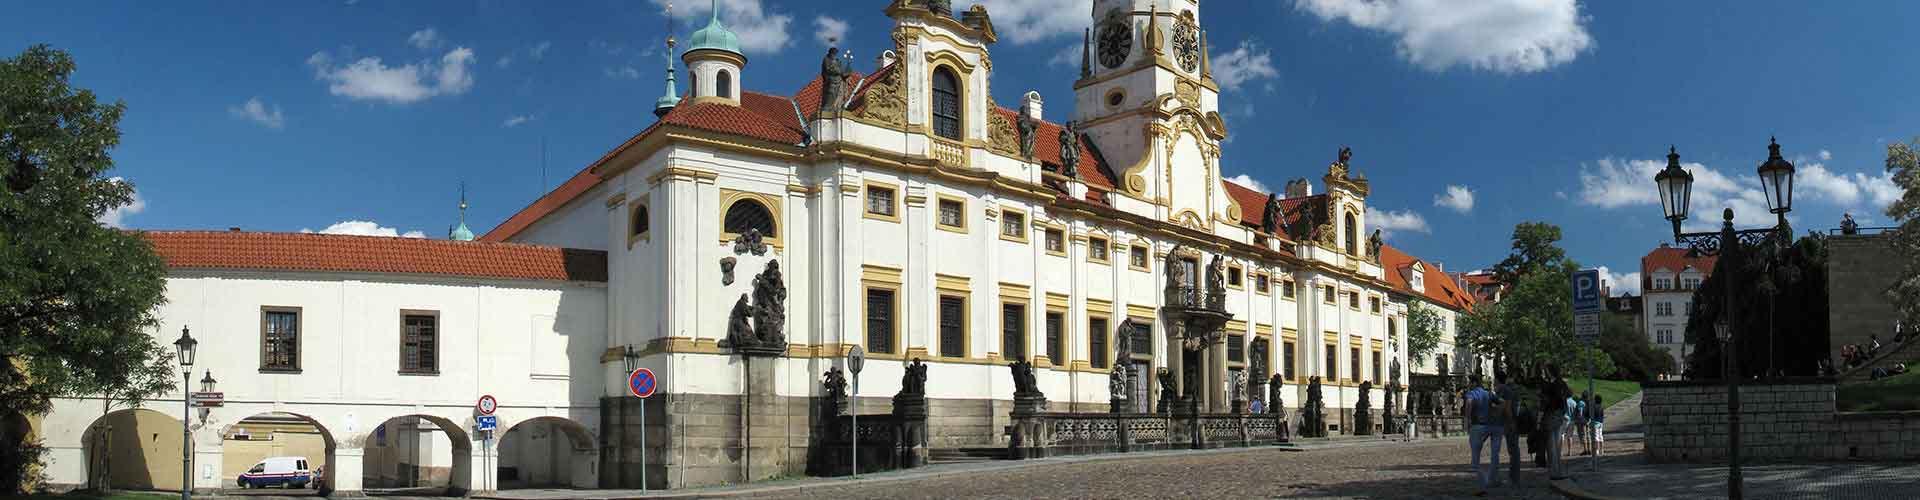 布拉格 – 罗瑞塔教堂 附近的青年旅舍。布拉格地图,布拉格 所有青年旅馆的照片和评分。